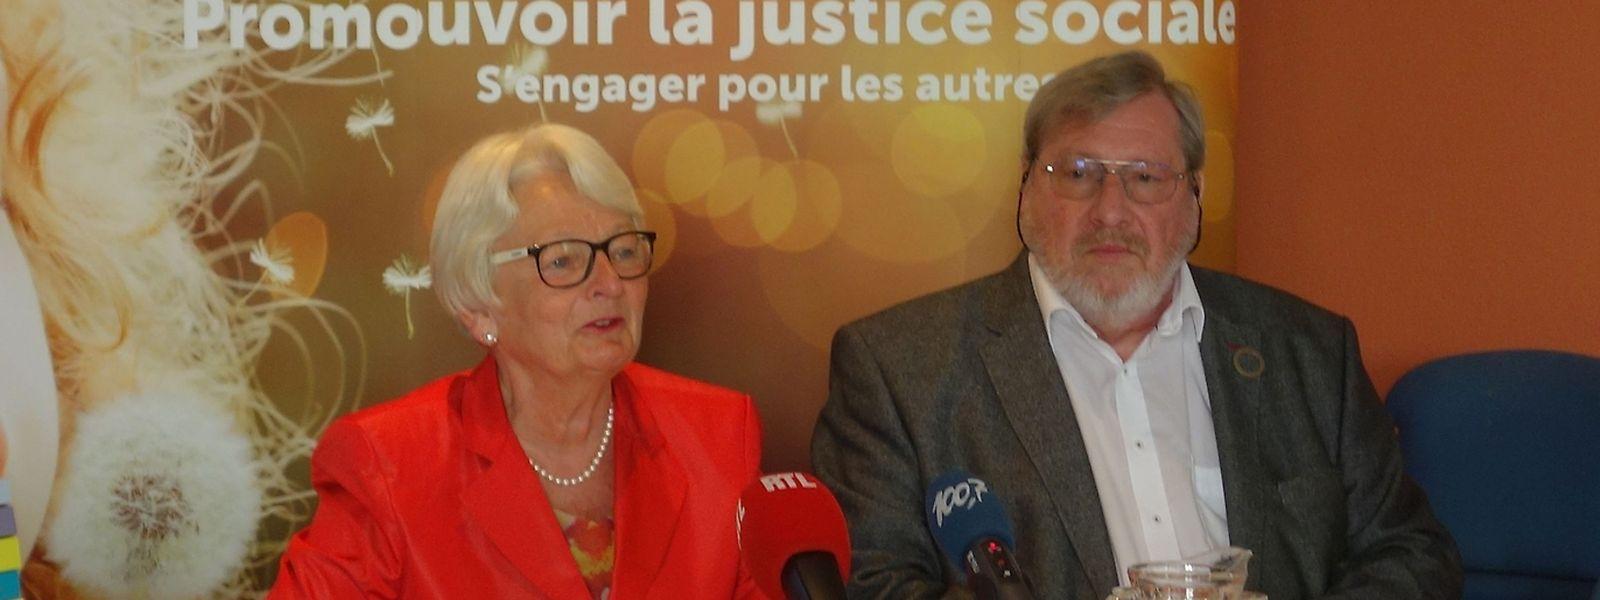 Caritas-Präsidentin Marie-Josée Jacobs und Caritas-Sprecher Robert Urbé sorgen sich um das Zusammenleben in Luxemburg